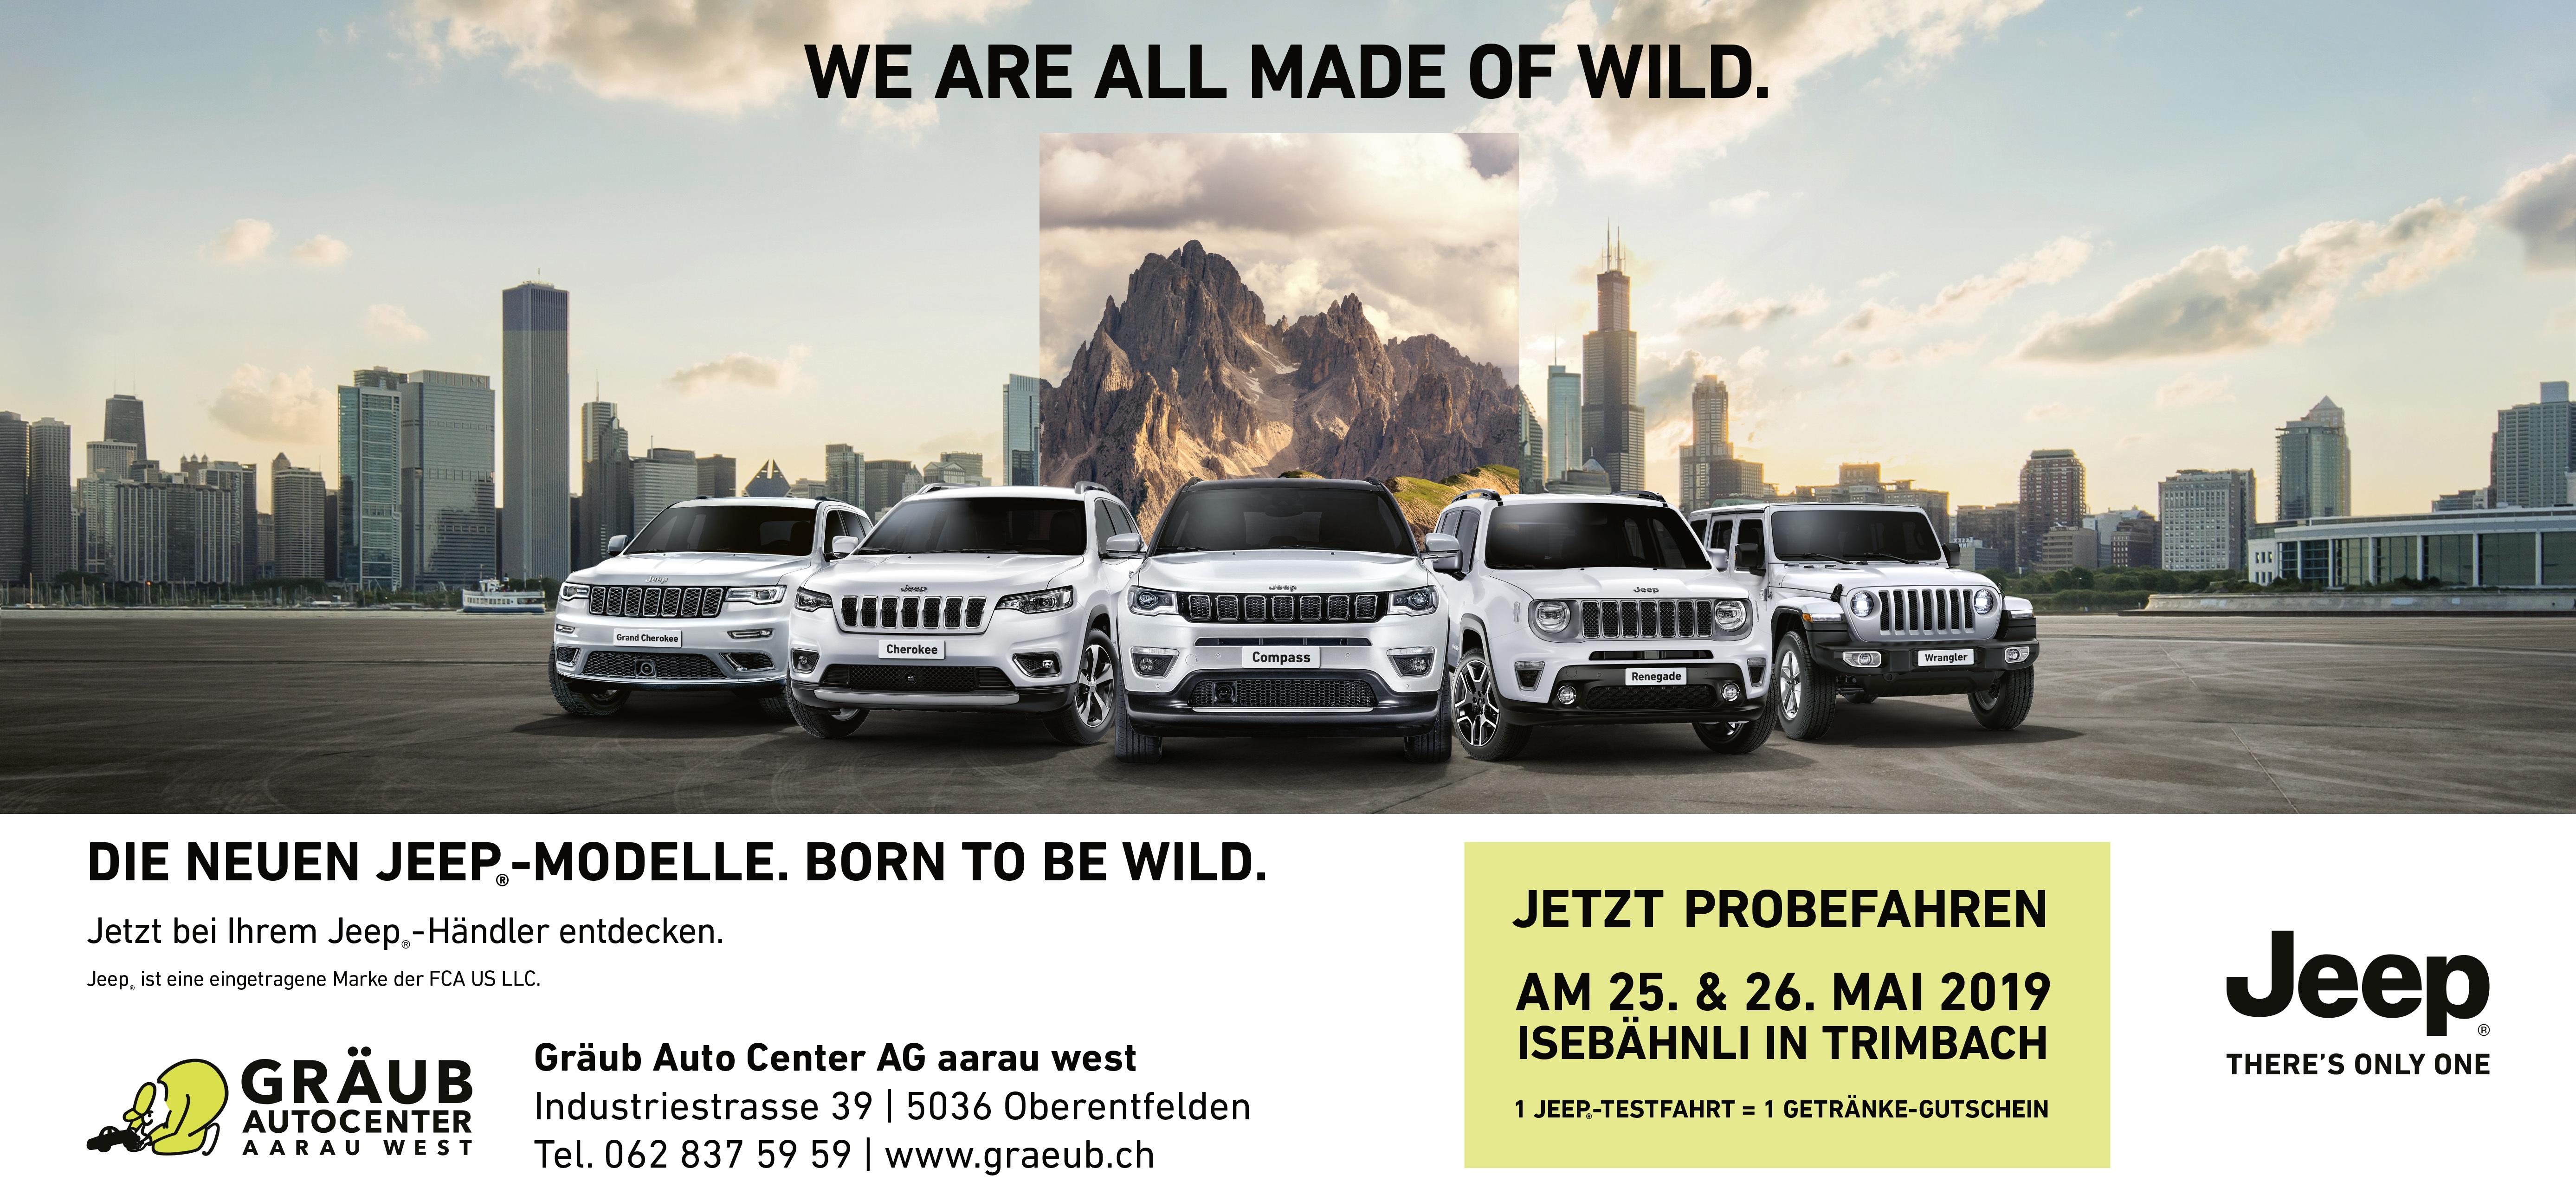 Inserat-Jeep-Range-Probefahrten-Isebaehnli-25-Mai-2019-162575_5551x2588px-von-FCA-19-04-25.jpg#asset:494